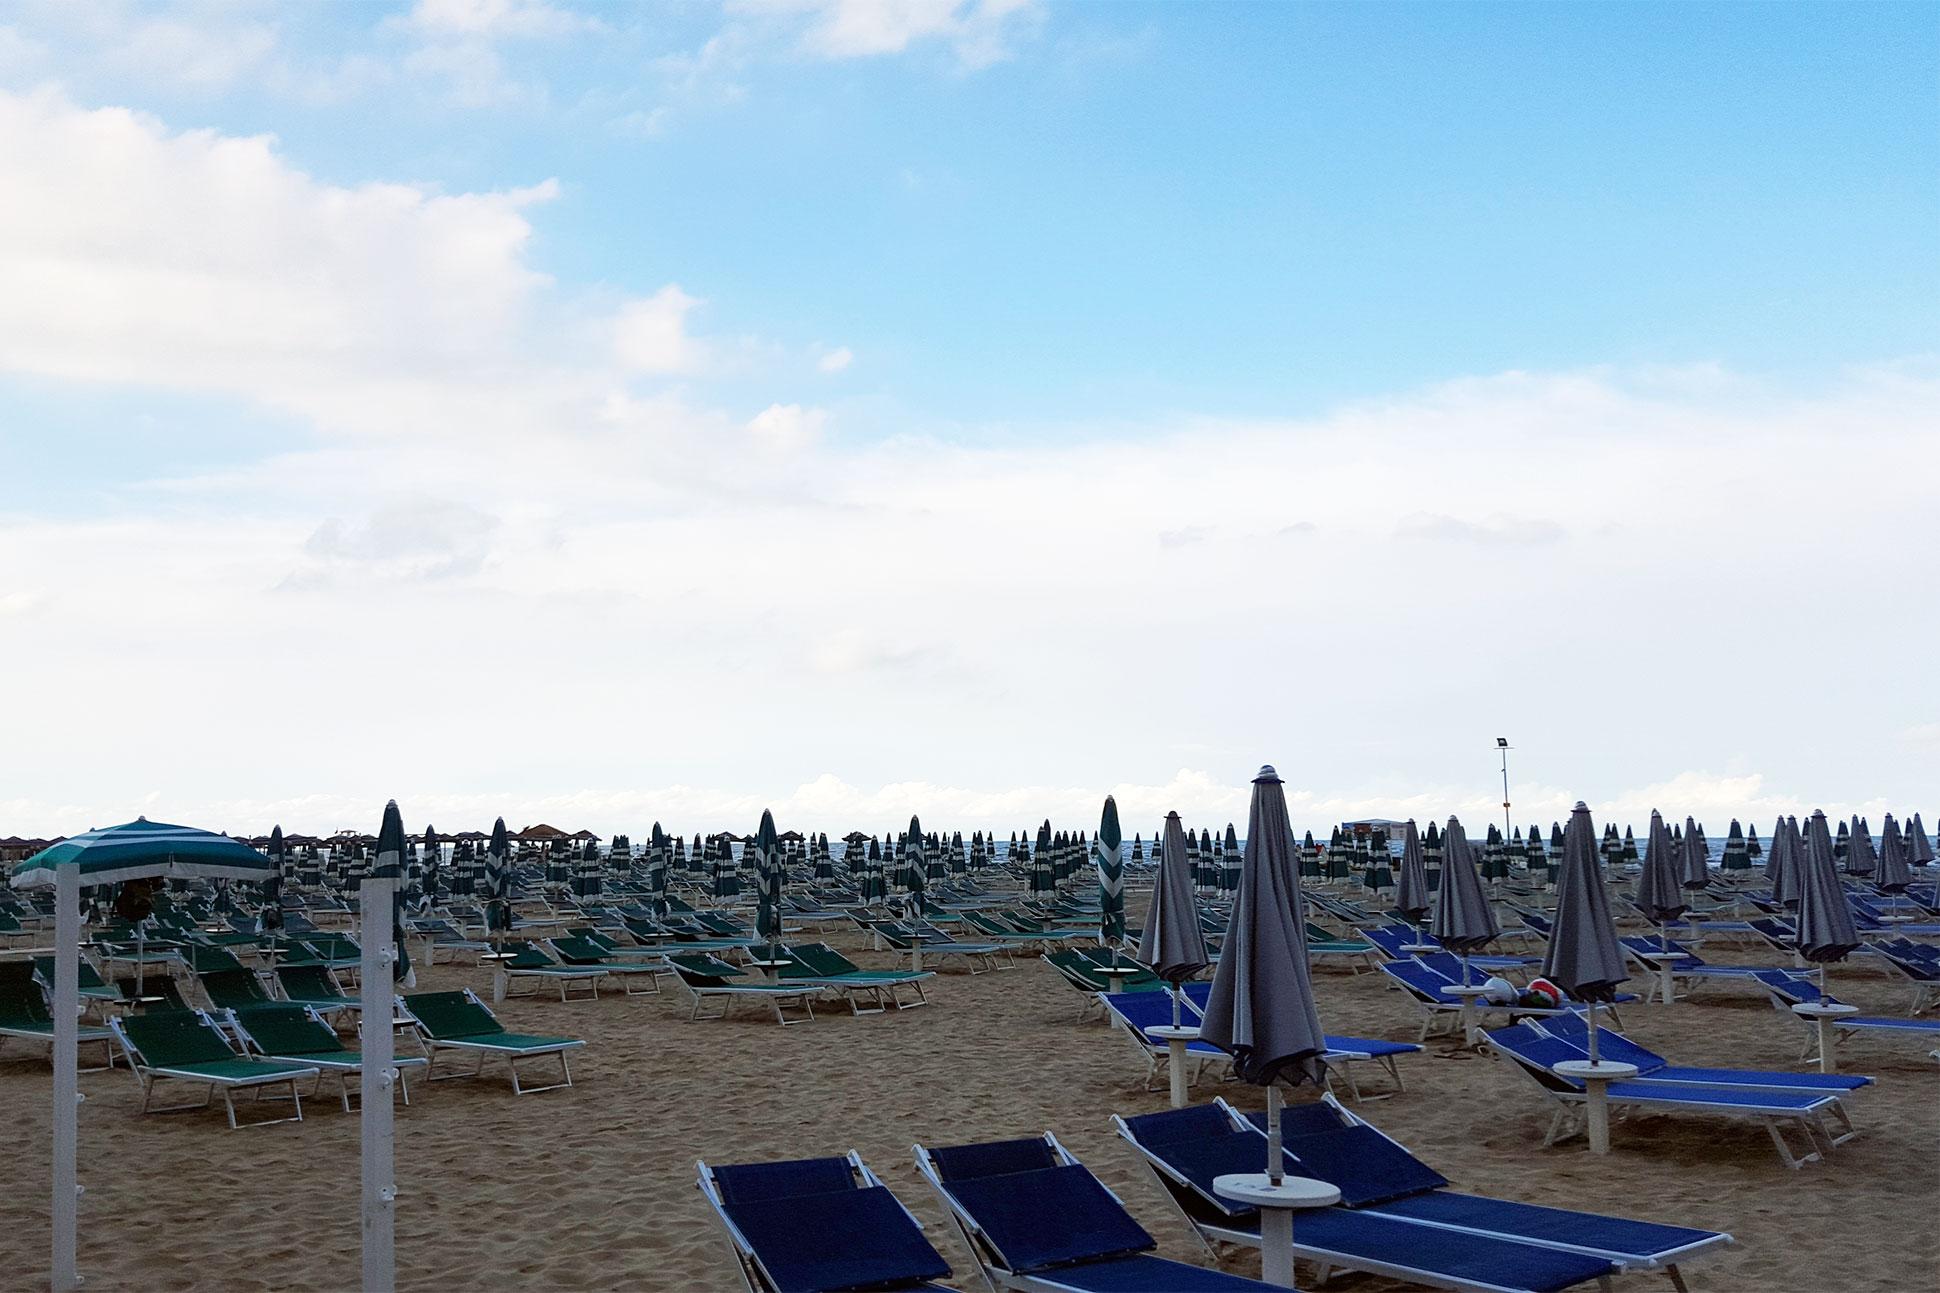 Prime Spiagge Rimini Spiaggia A Rimini Spiagge Di Rimini